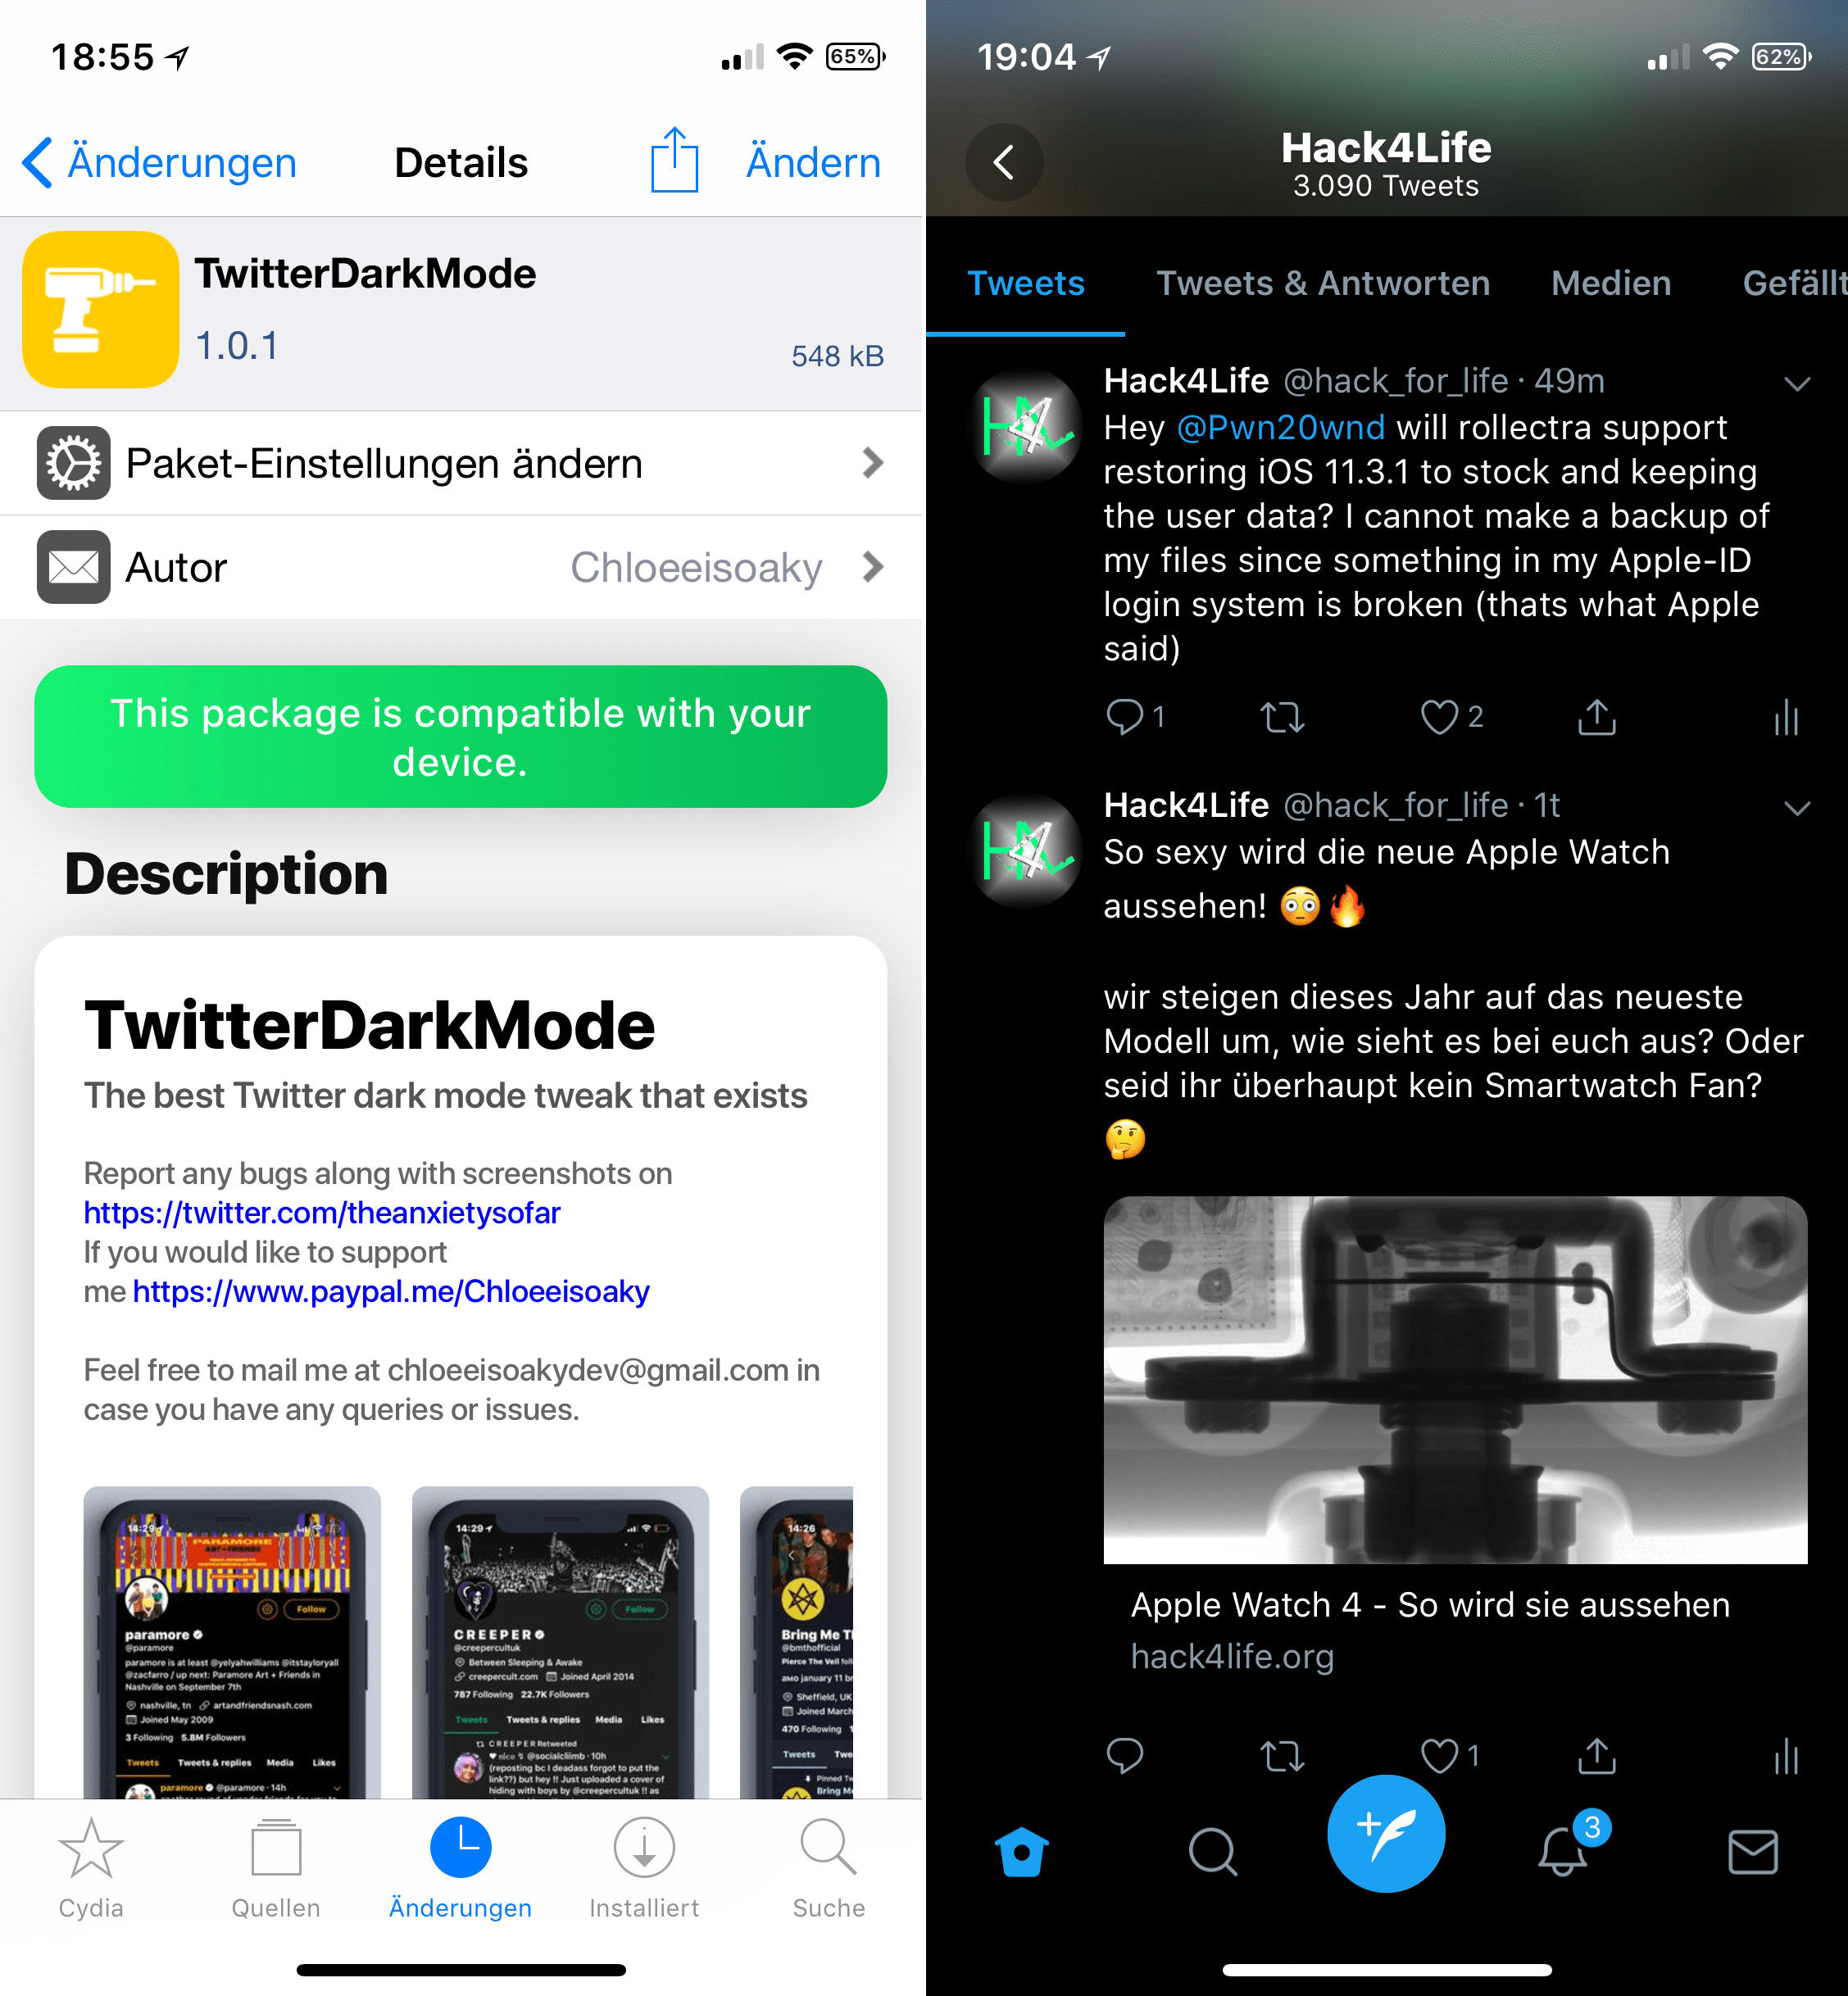 Twitter App in wirklichem Nachtmodus verwenden, Twitter, schwarz, Dark Mode, Hack4Life, TwitterDarkMode, Top, Cydia, Tweak, Sileo, Download, Repo, kostenlos, gratis, Hack4Life, Fabian Geissler, kompetent, seriös